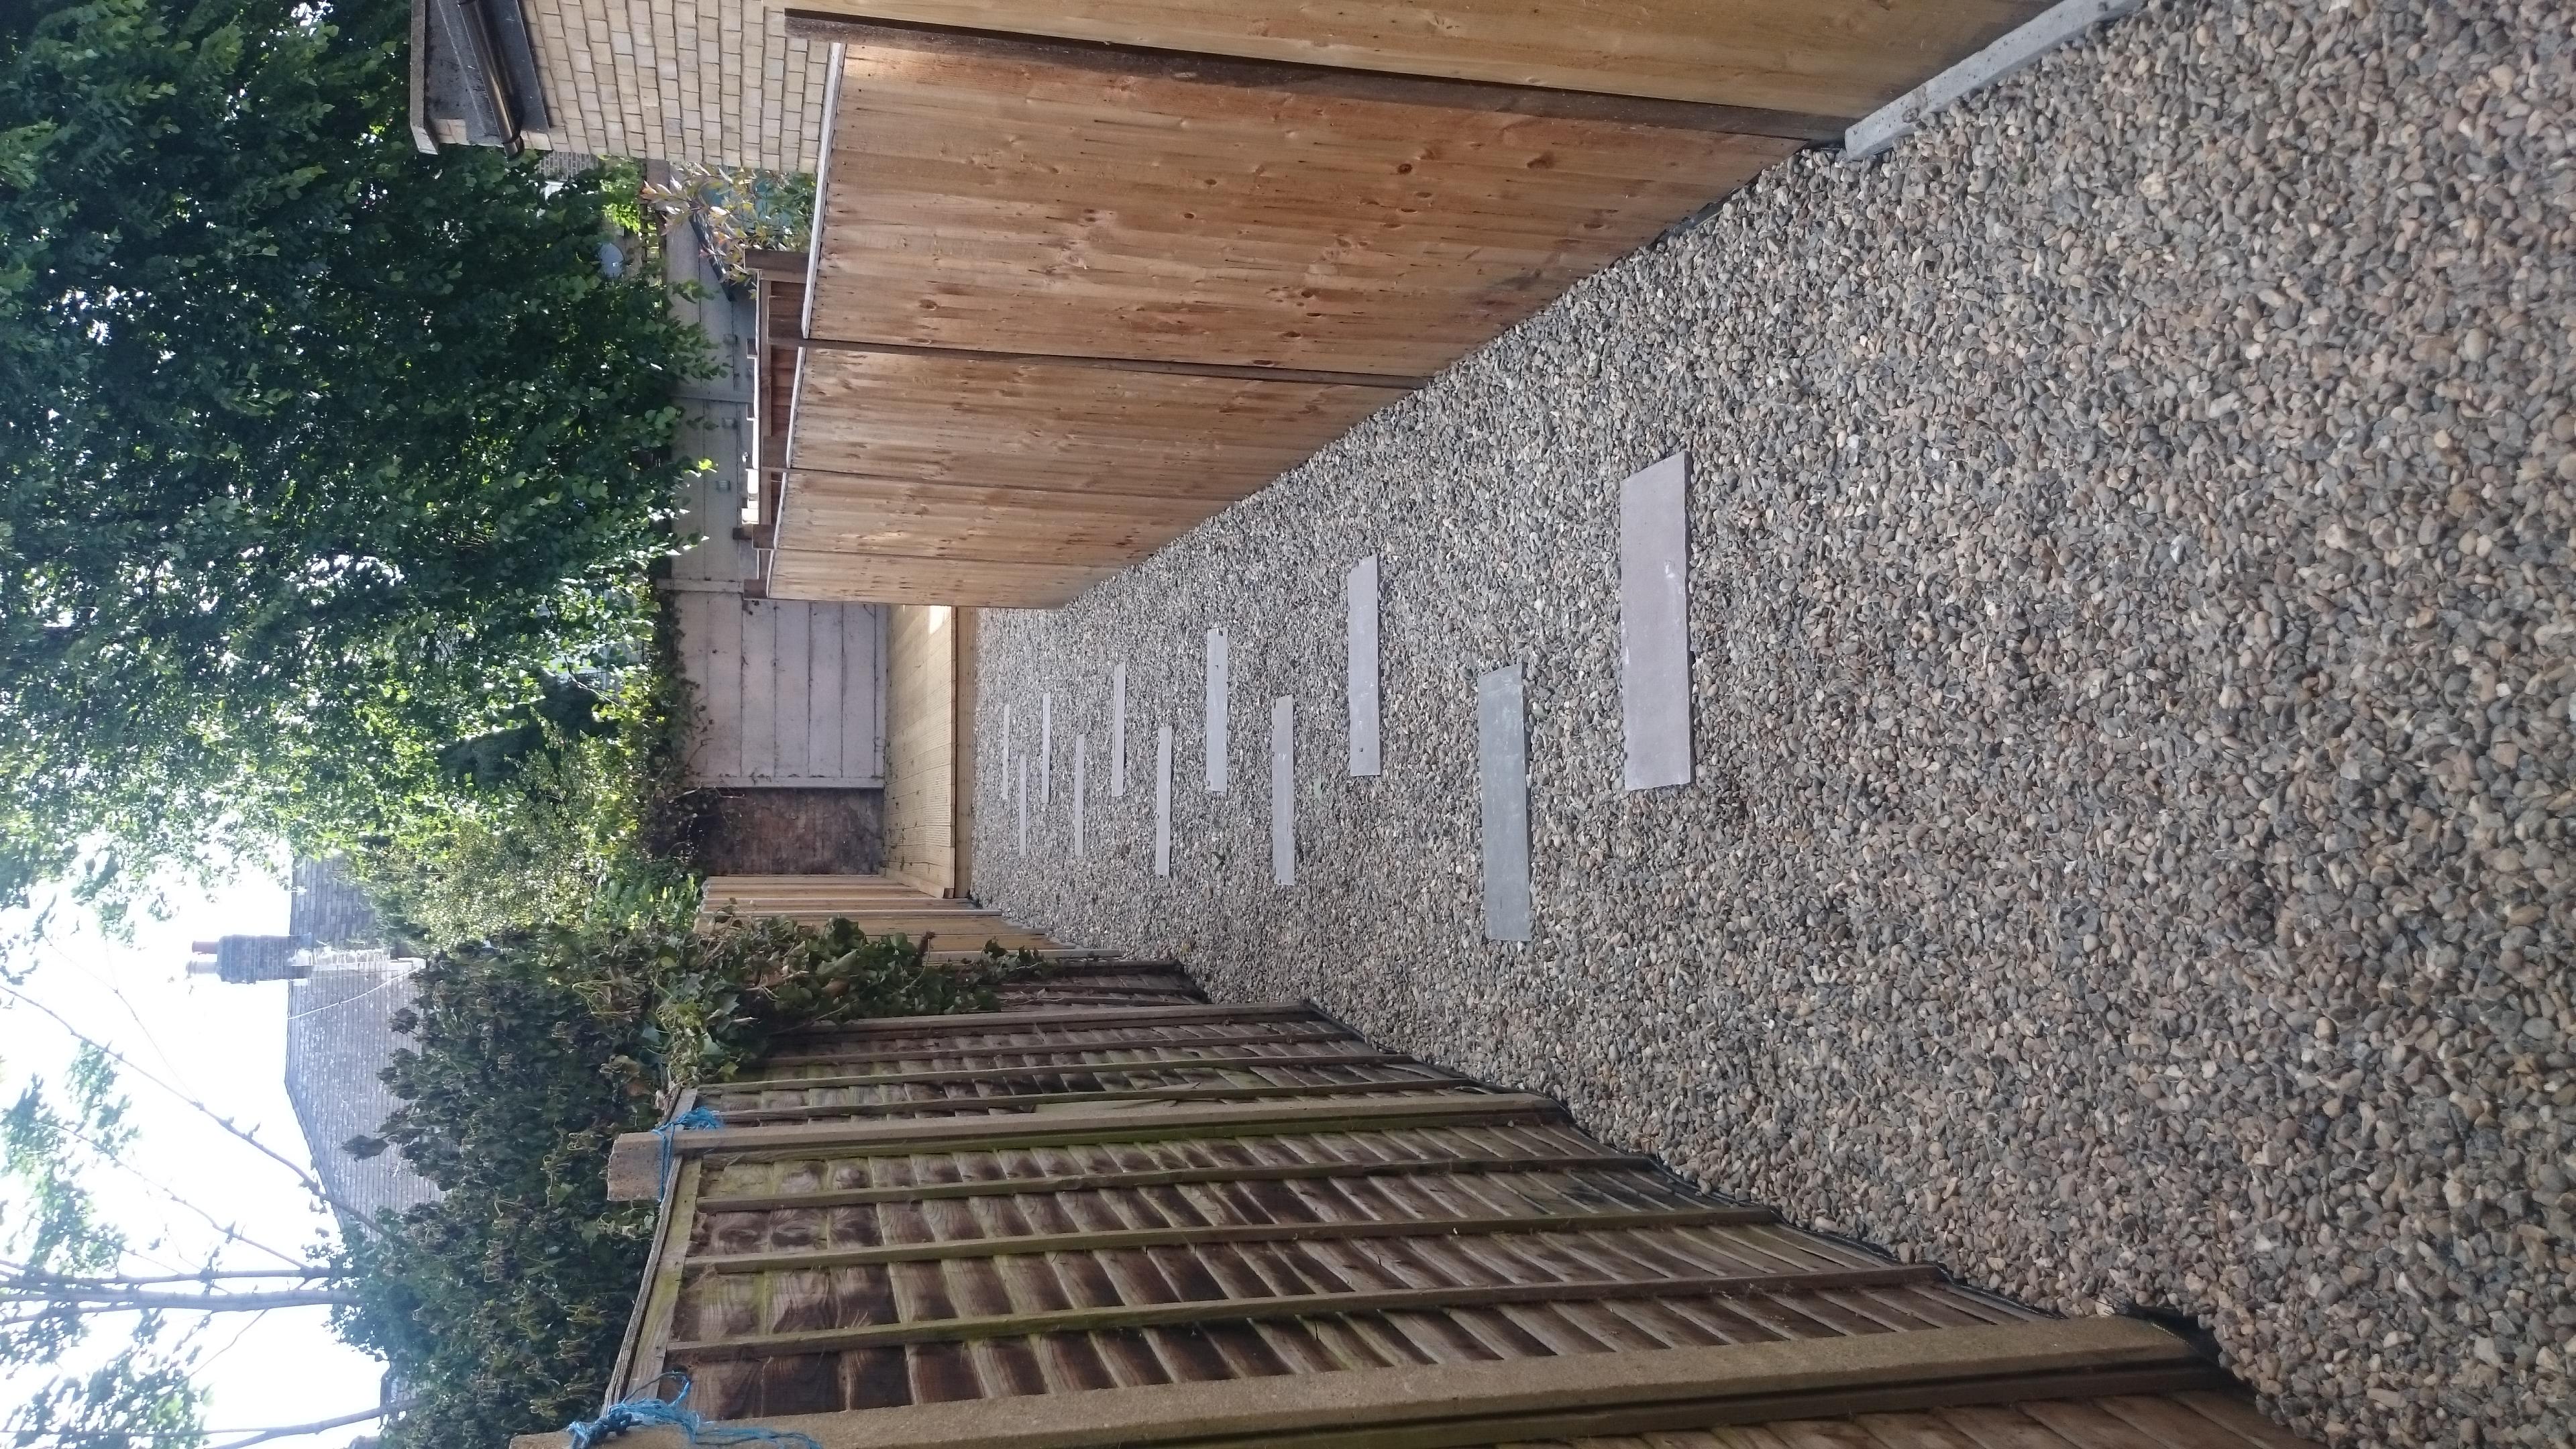 Paving slabs, Decking